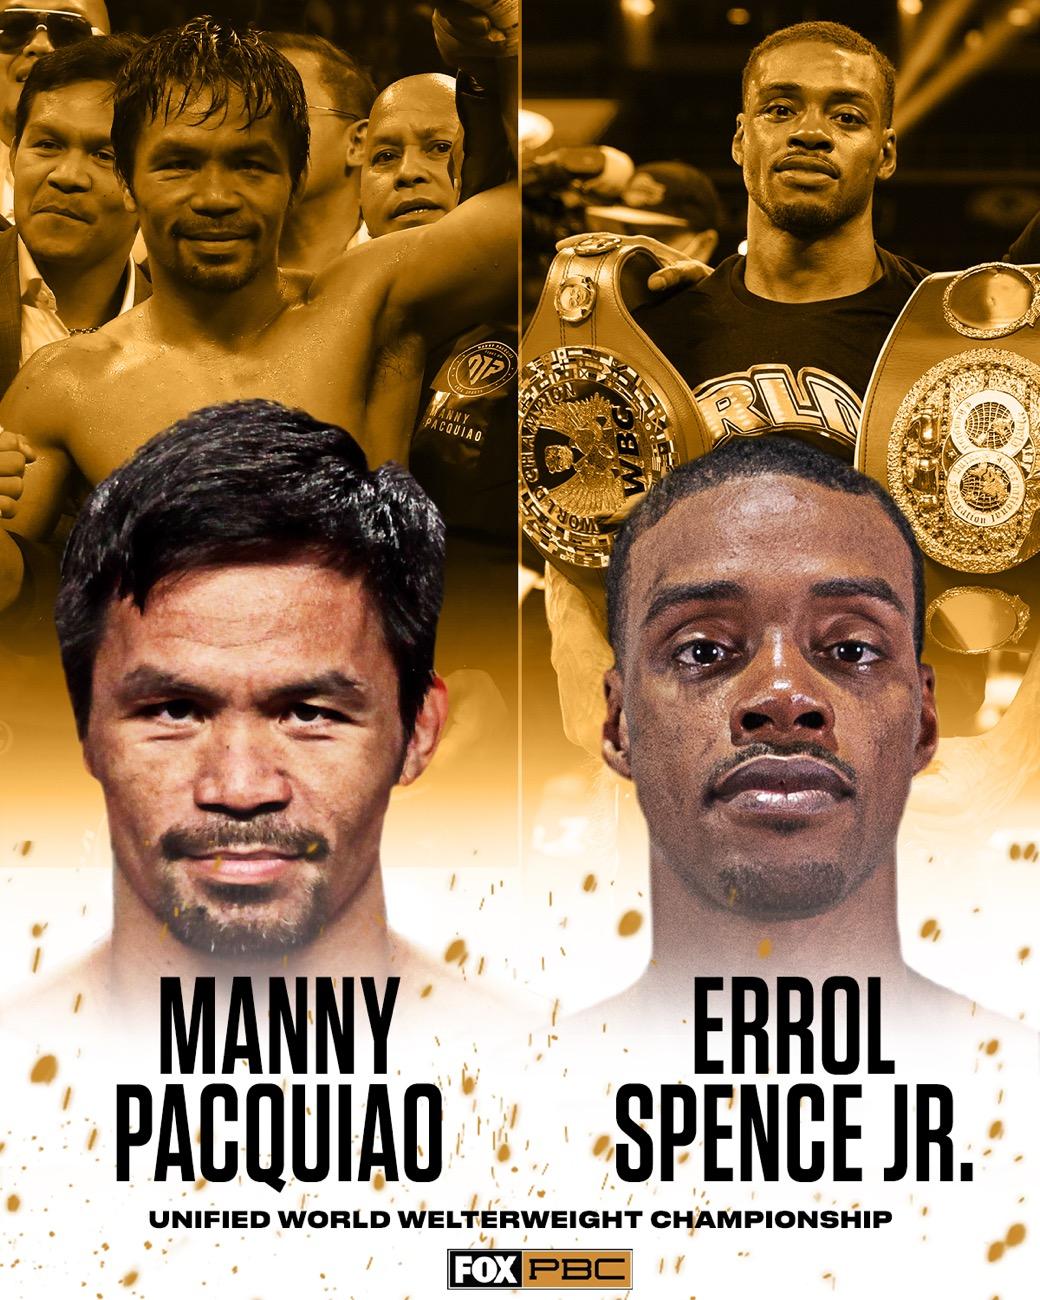 Errol Spence Jr Manny Pacquiao Nonito Donaire